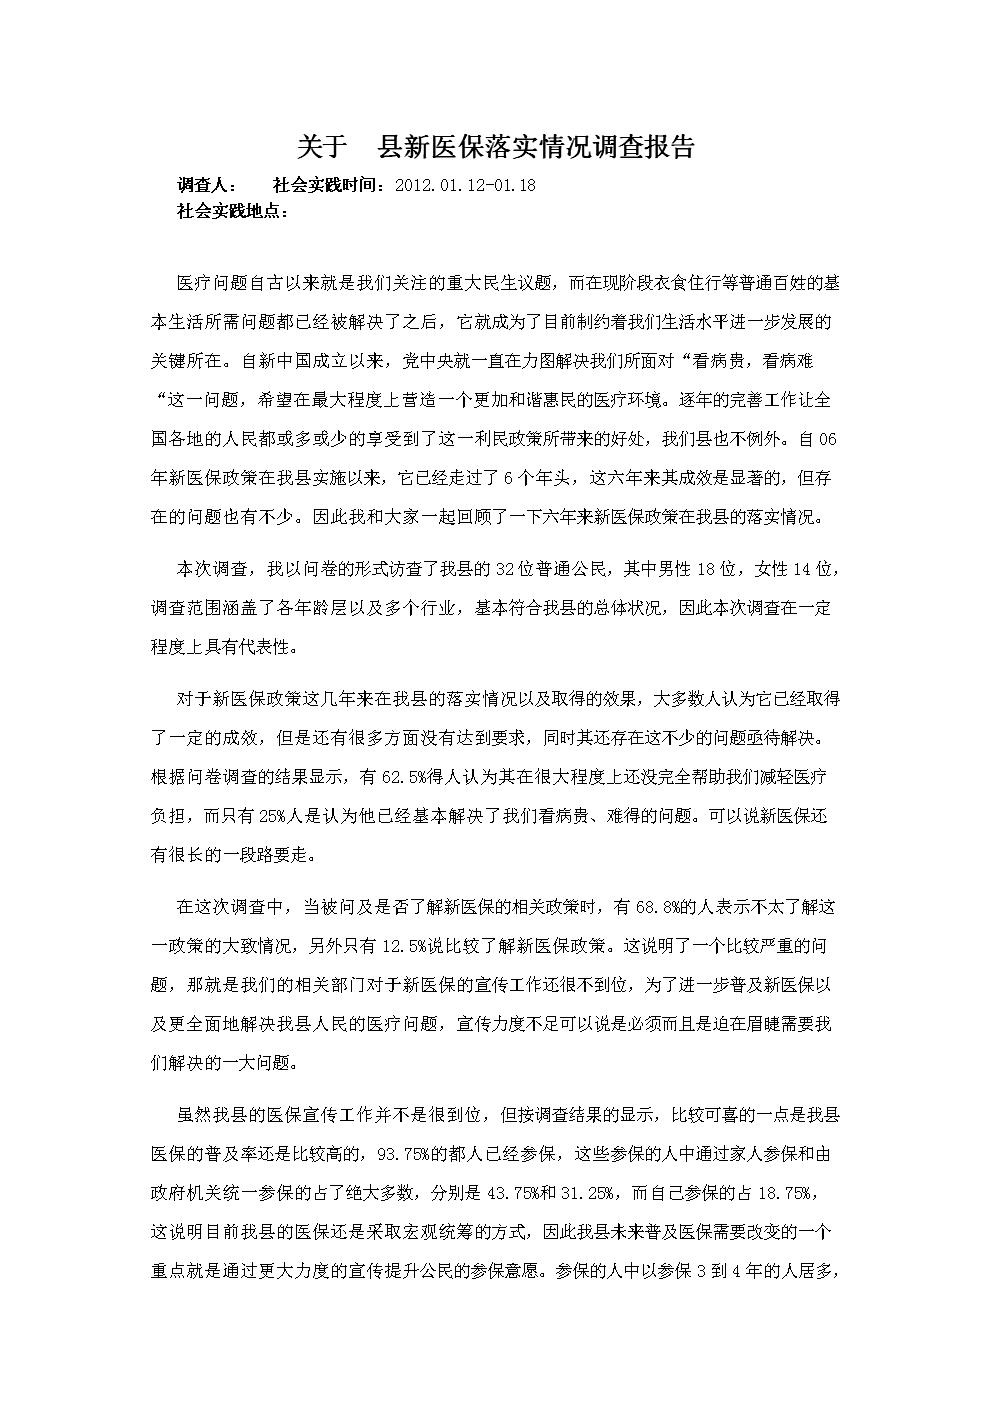 衣食住行变化调查总结-新医保落实情况调查报告.doc